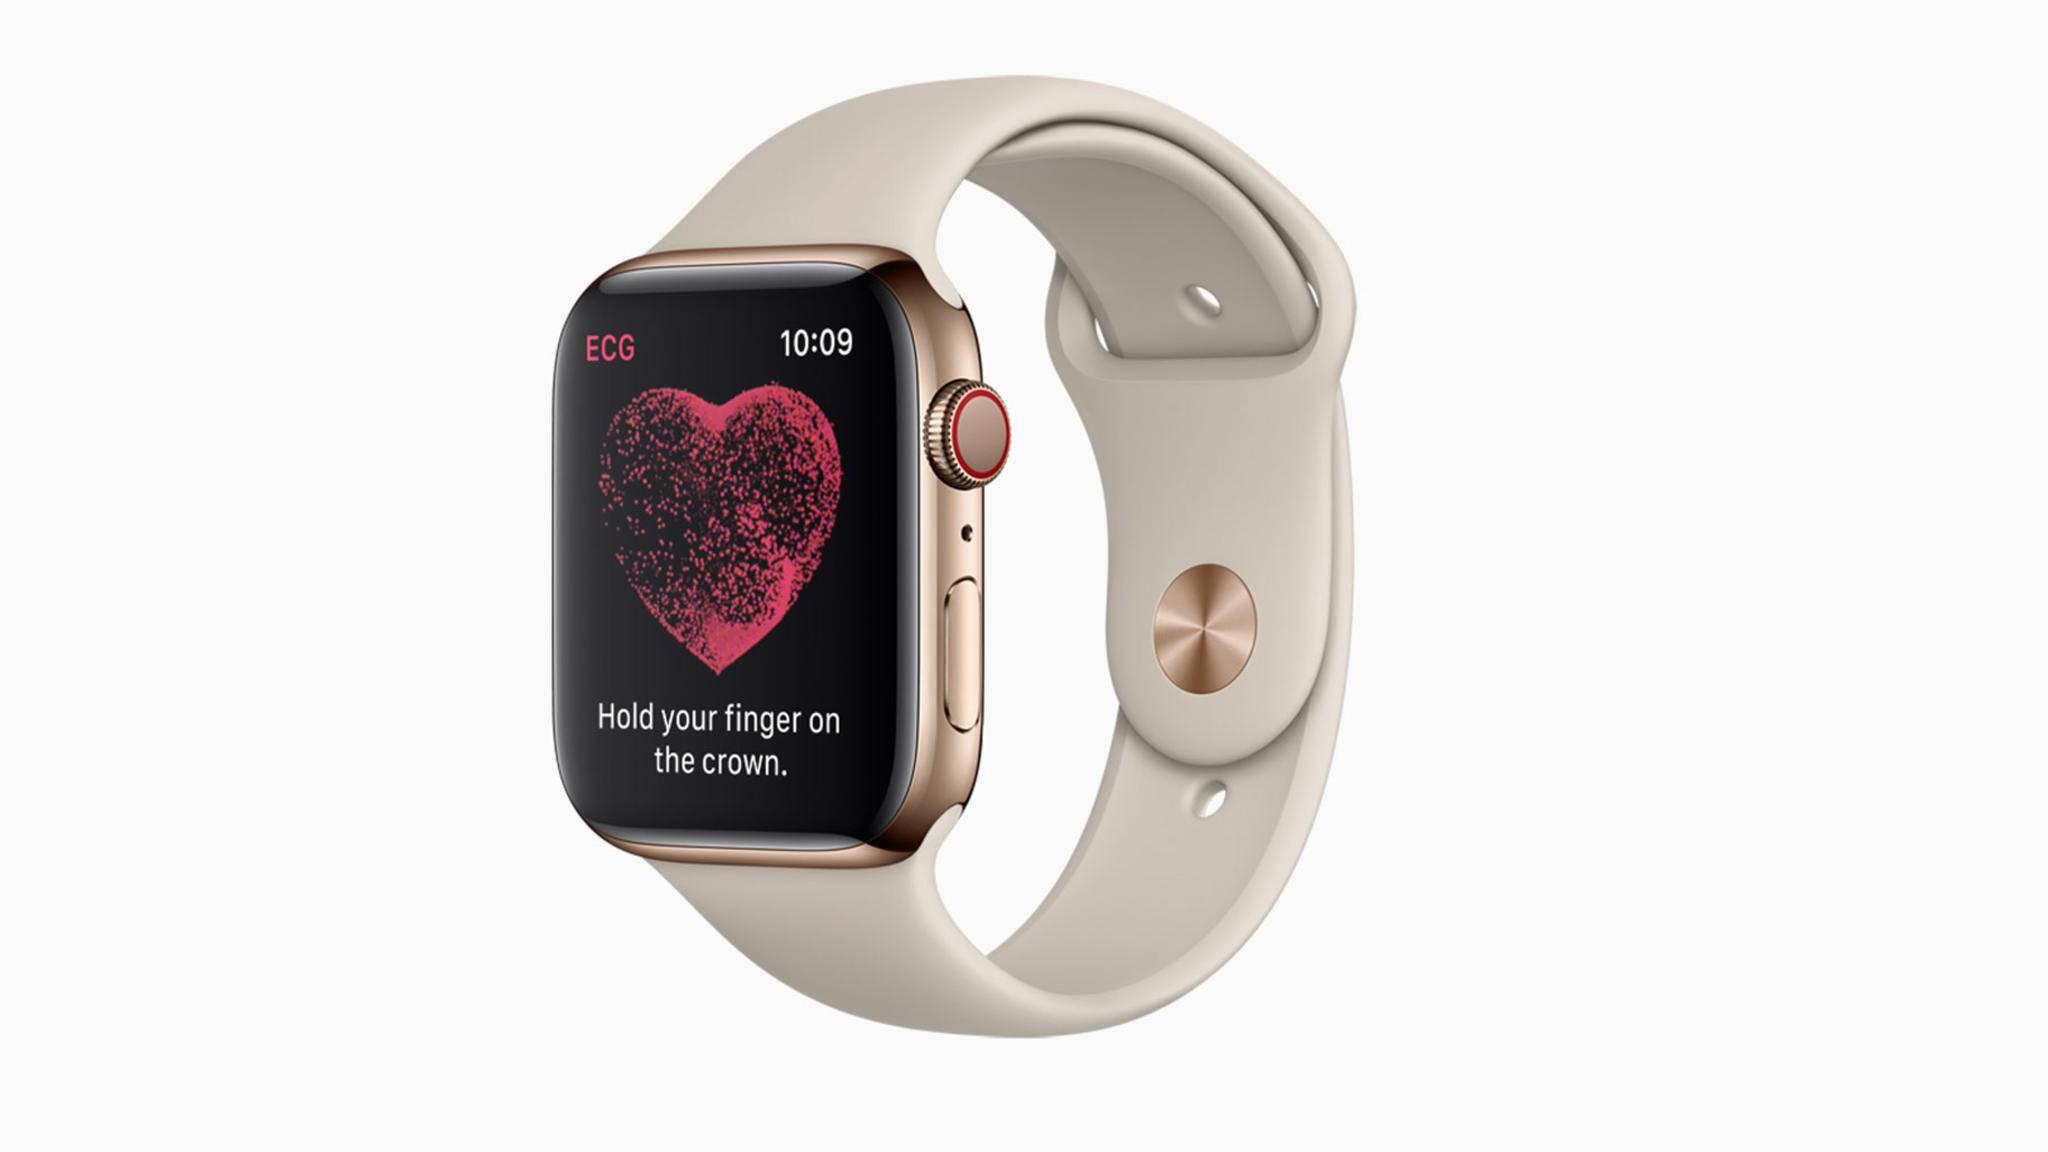 Dank des Updates soll die Apple Watch die Herzfrequenz wieder zuverlässig tracken.